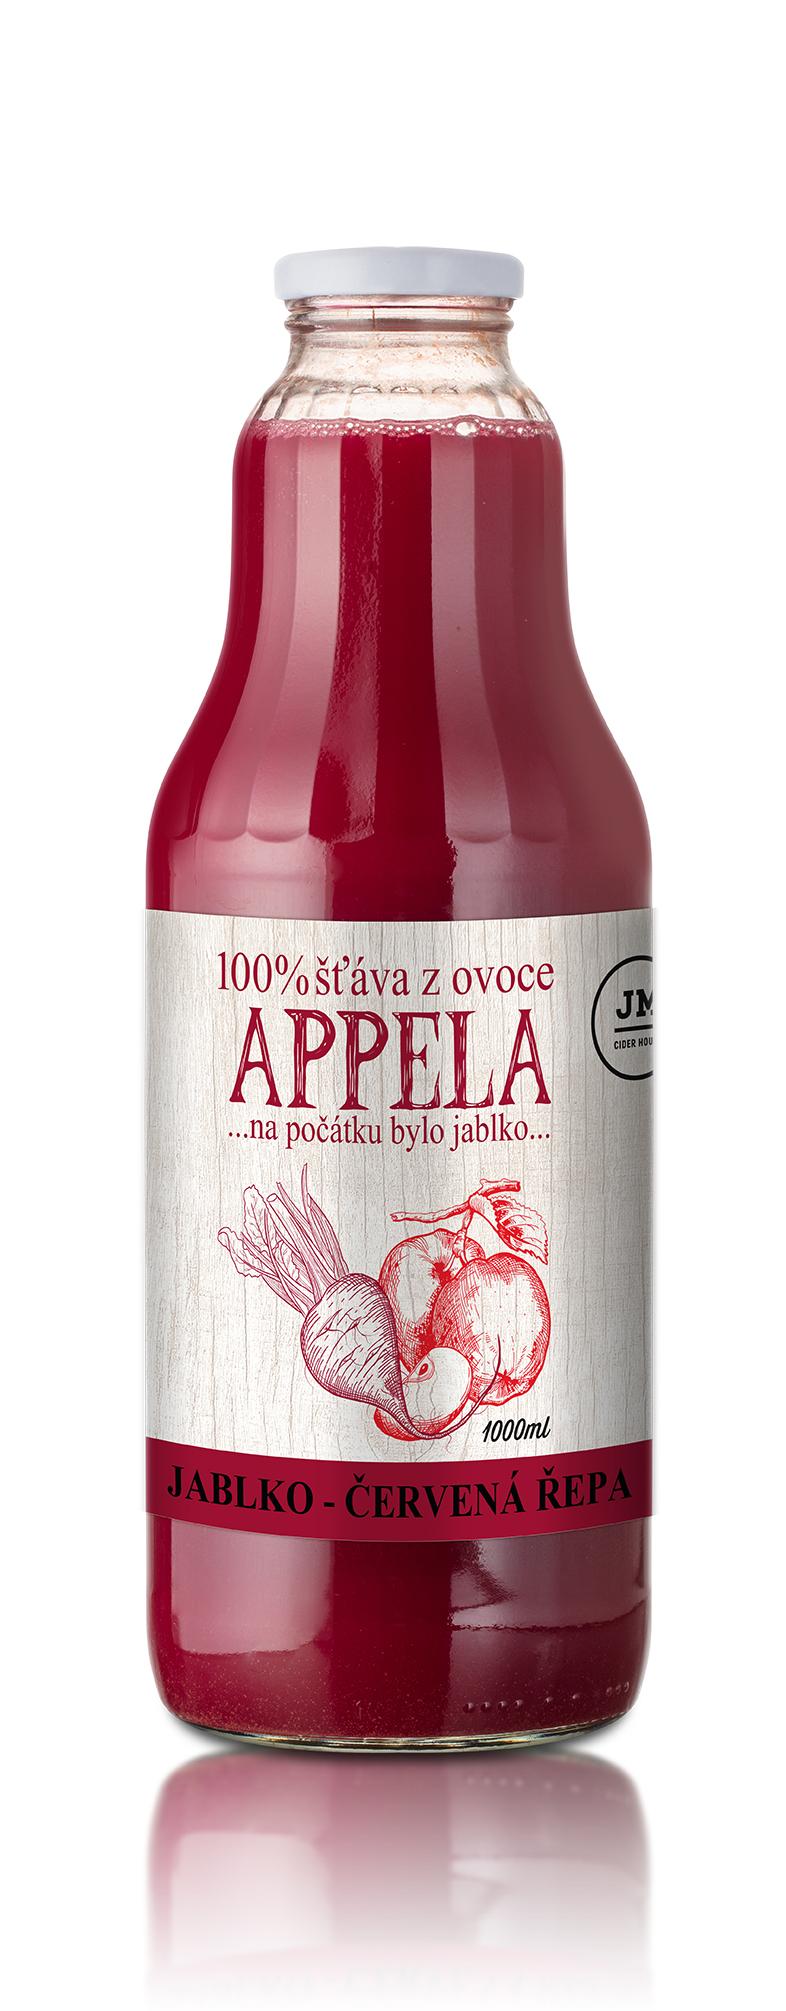 Appela, Jablko - červená řepa 1l